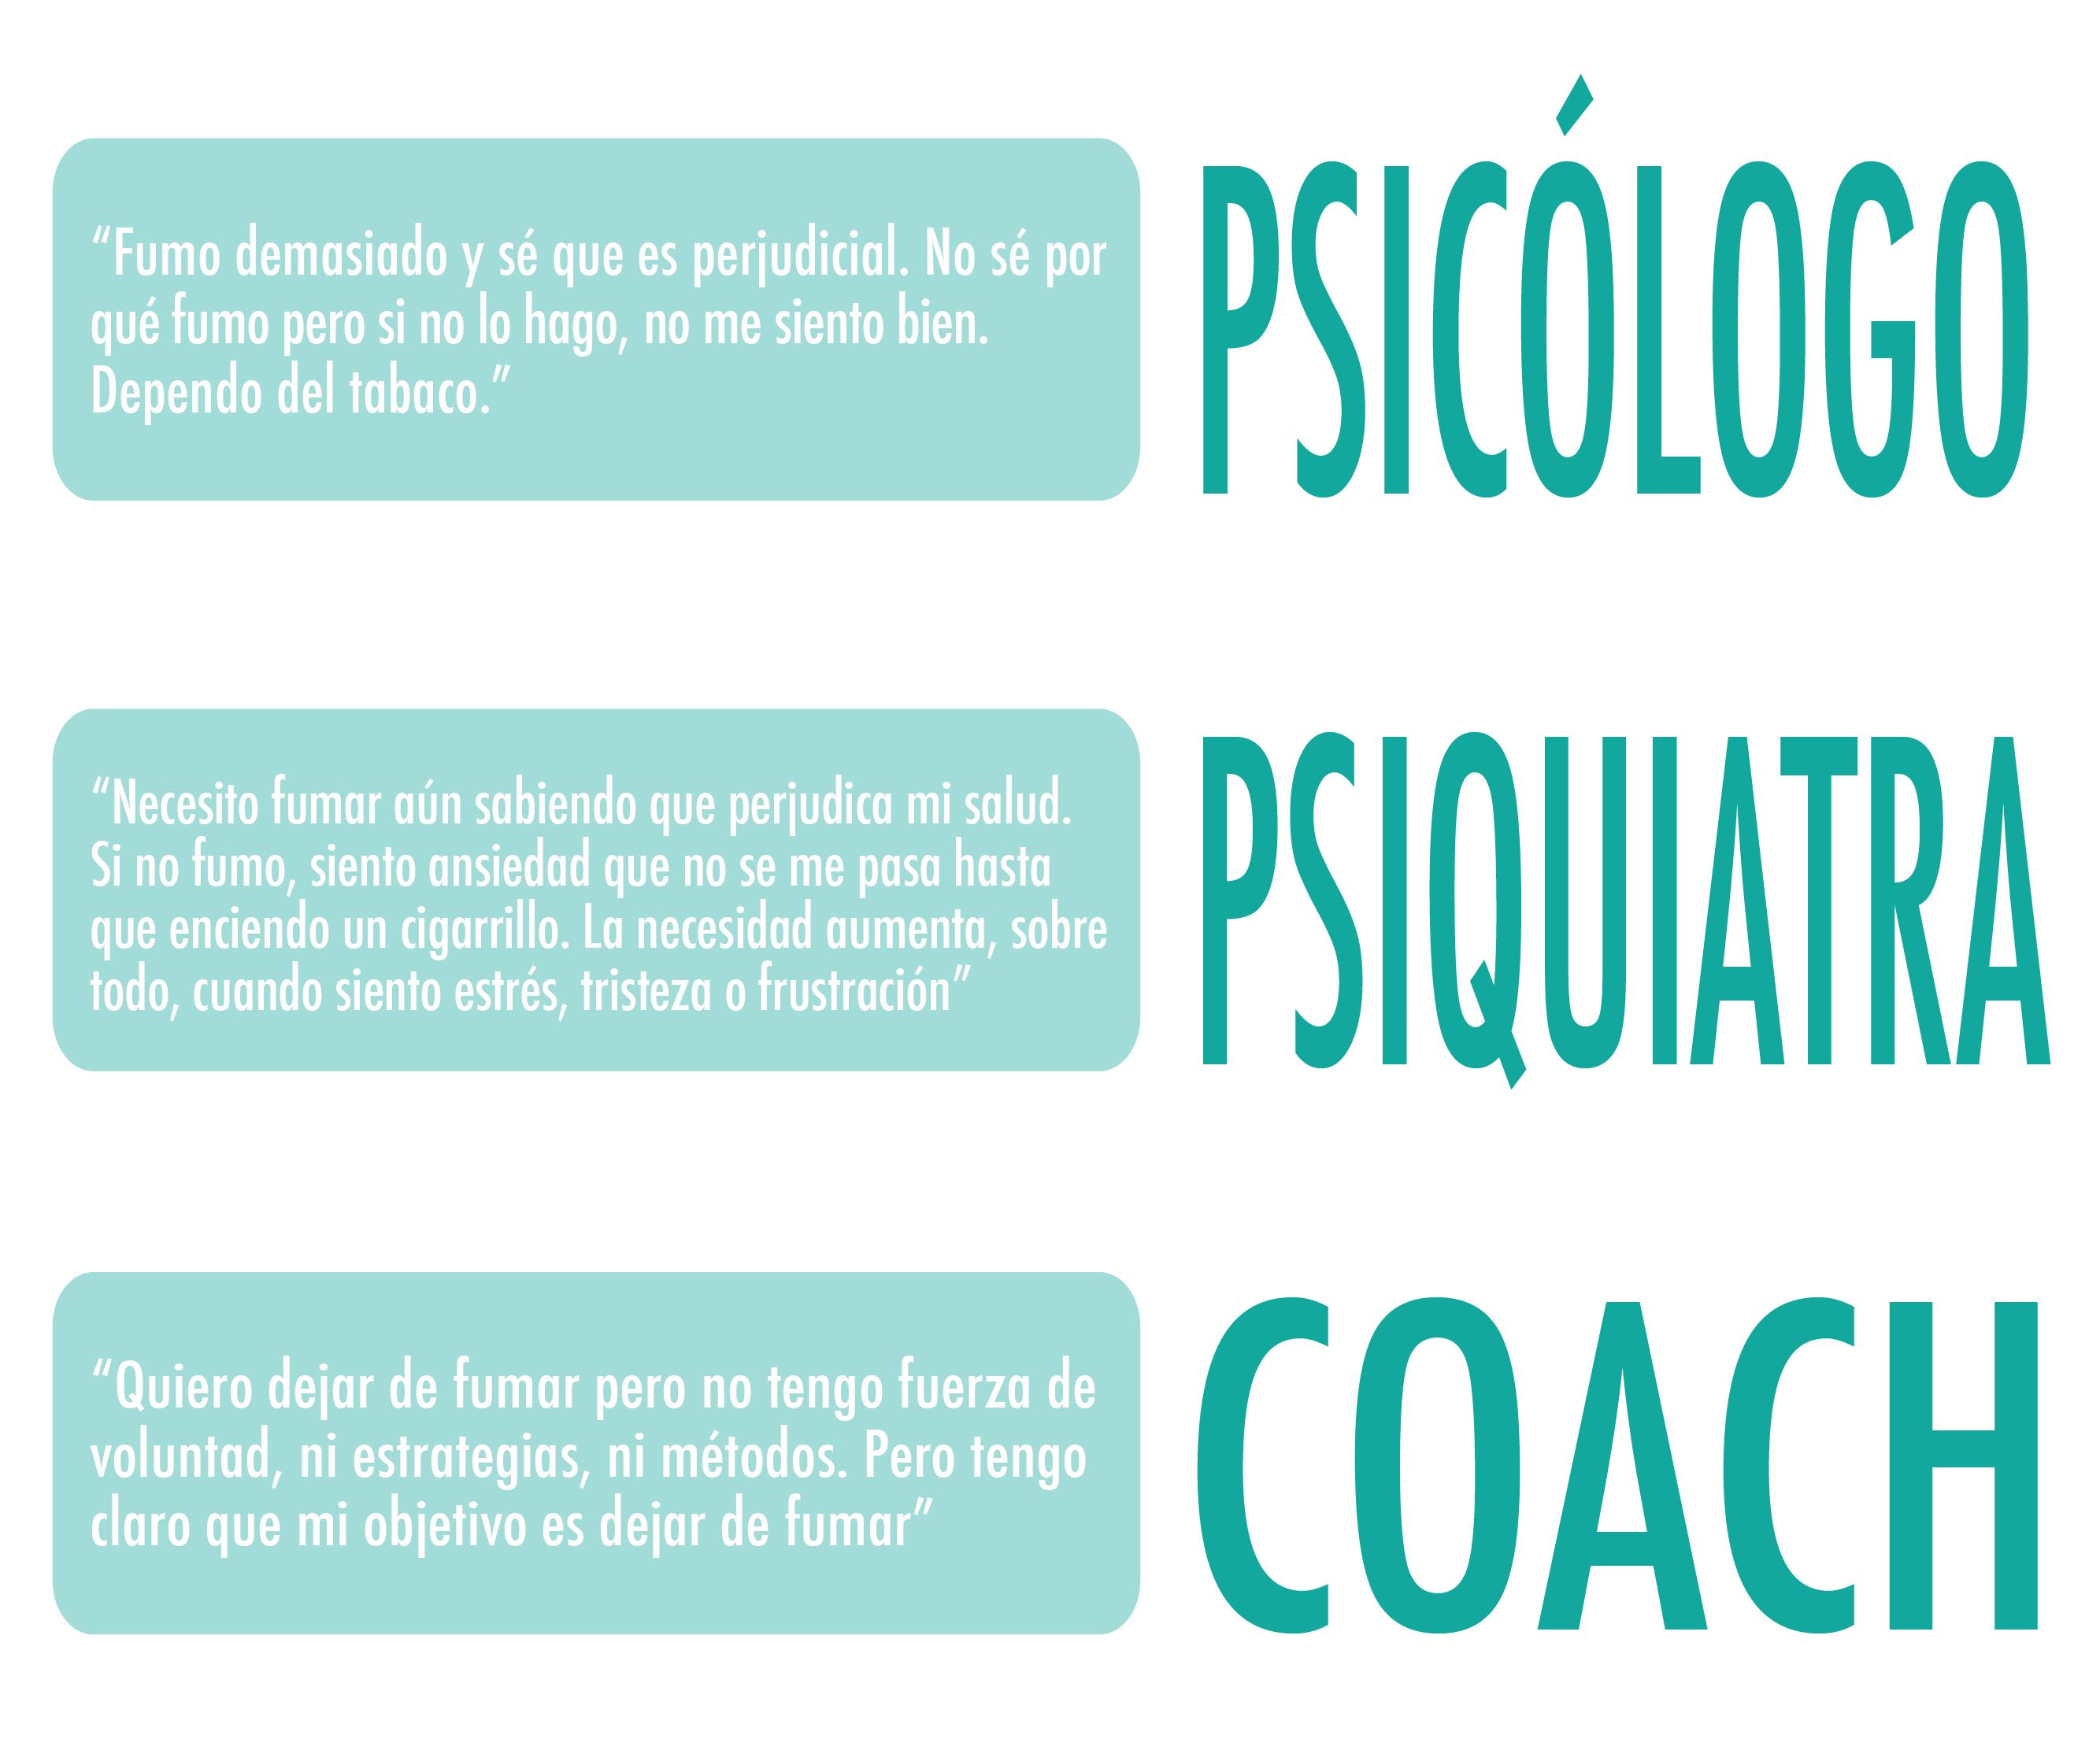 ¿Sabemos diferenciar entre psicólogo y psiquiatra?